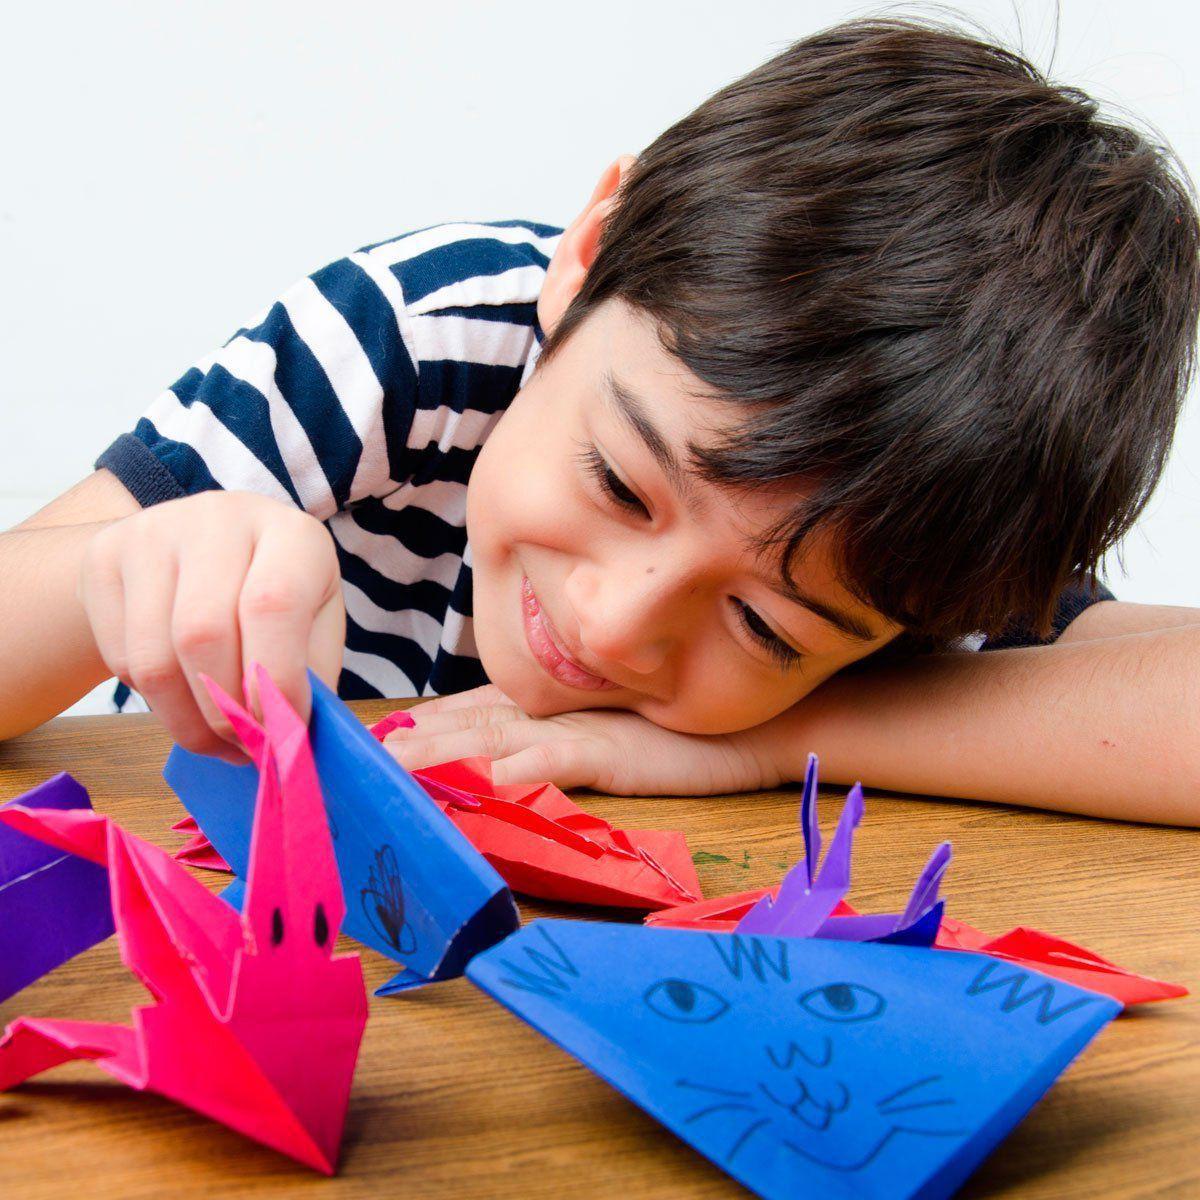 Aprendendo e ensinando geometria com origami  - PUC Minas